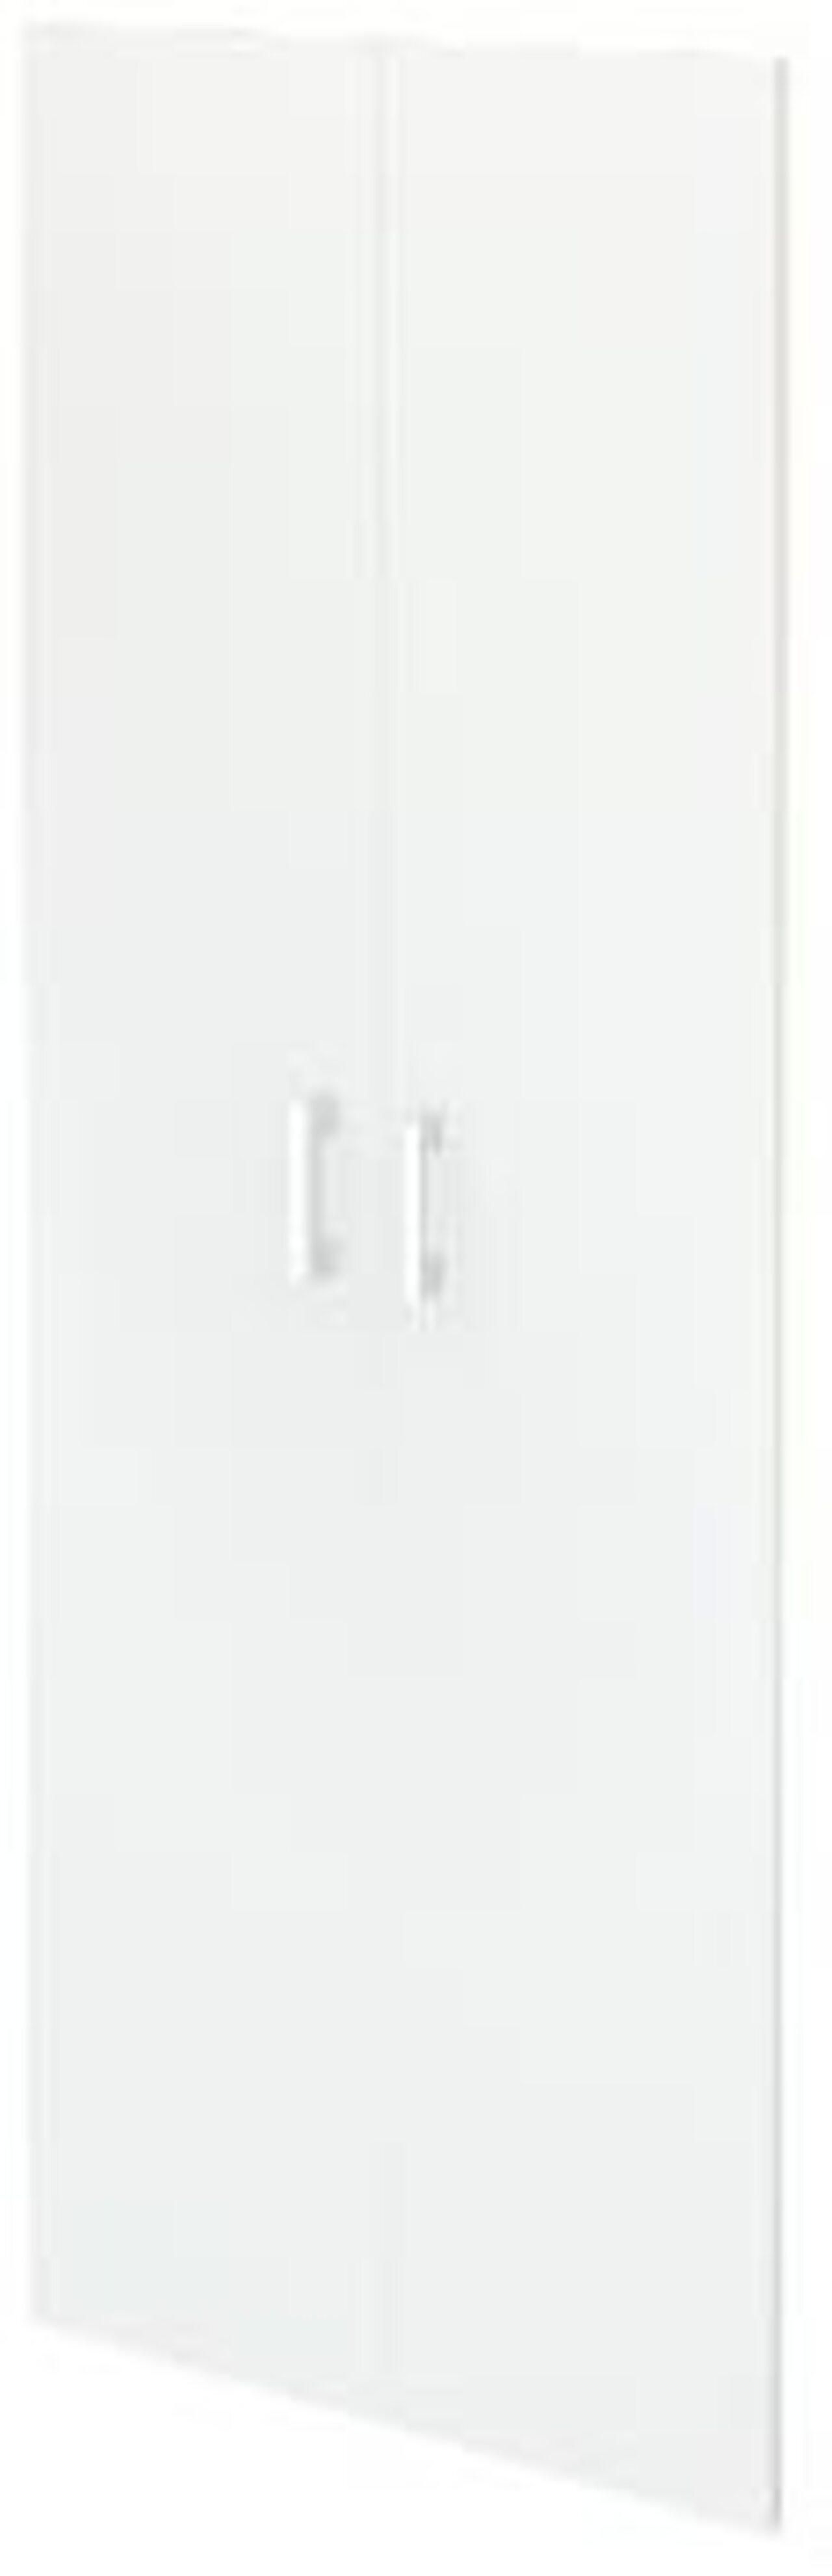 Двери для широких стеллажей  Арго 71x2x115 - фото 1